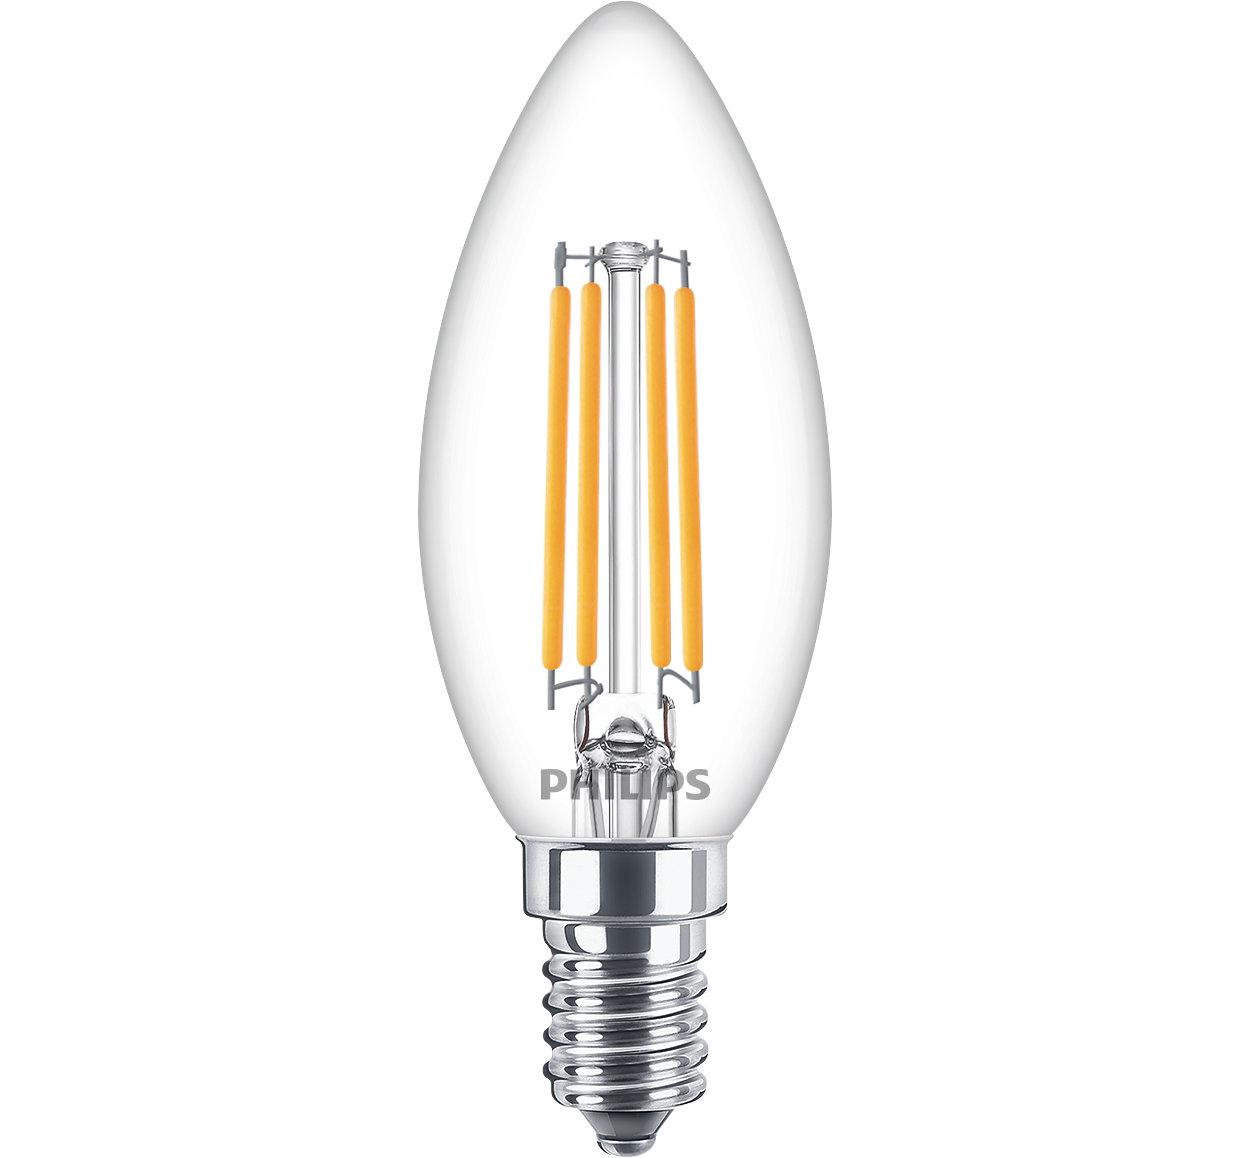 Lámparas clásicas LED de filamento para iluminación decorativa